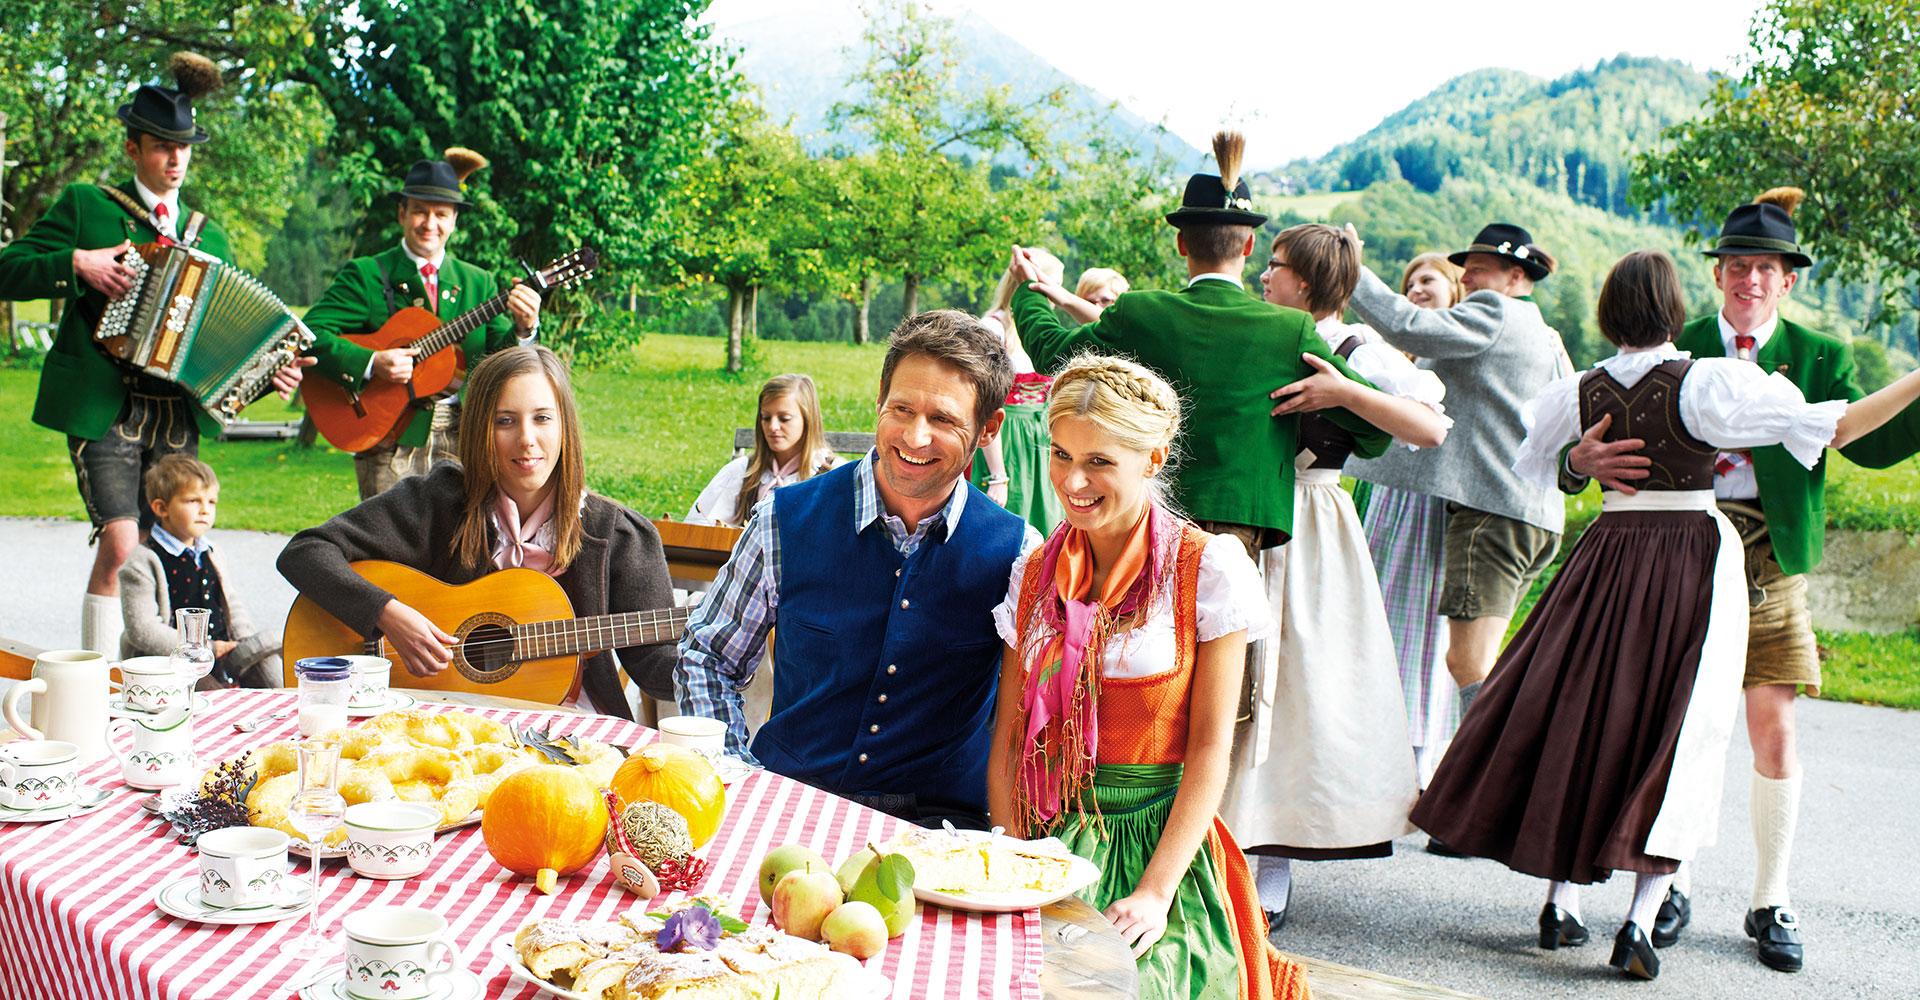 Veranstaltungen & Brauchtum im Salzburger Land